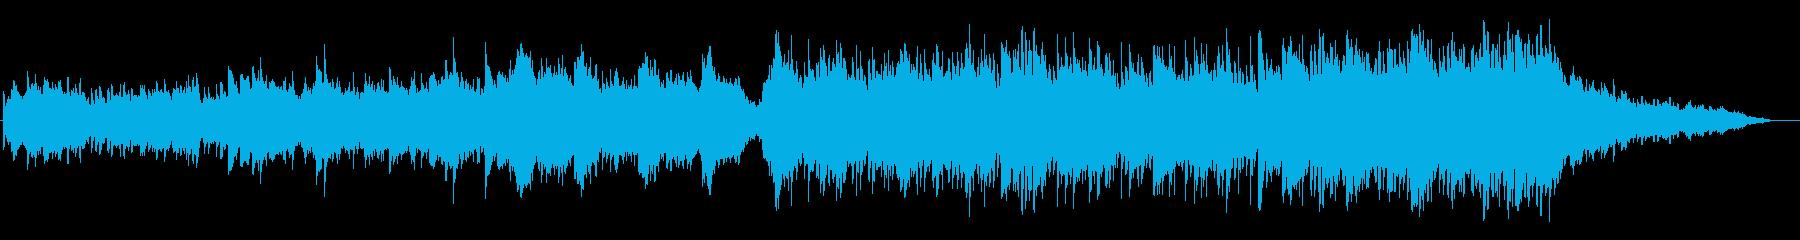 ポップ ロック 現代的 交響曲 モ...の再生済みの波形